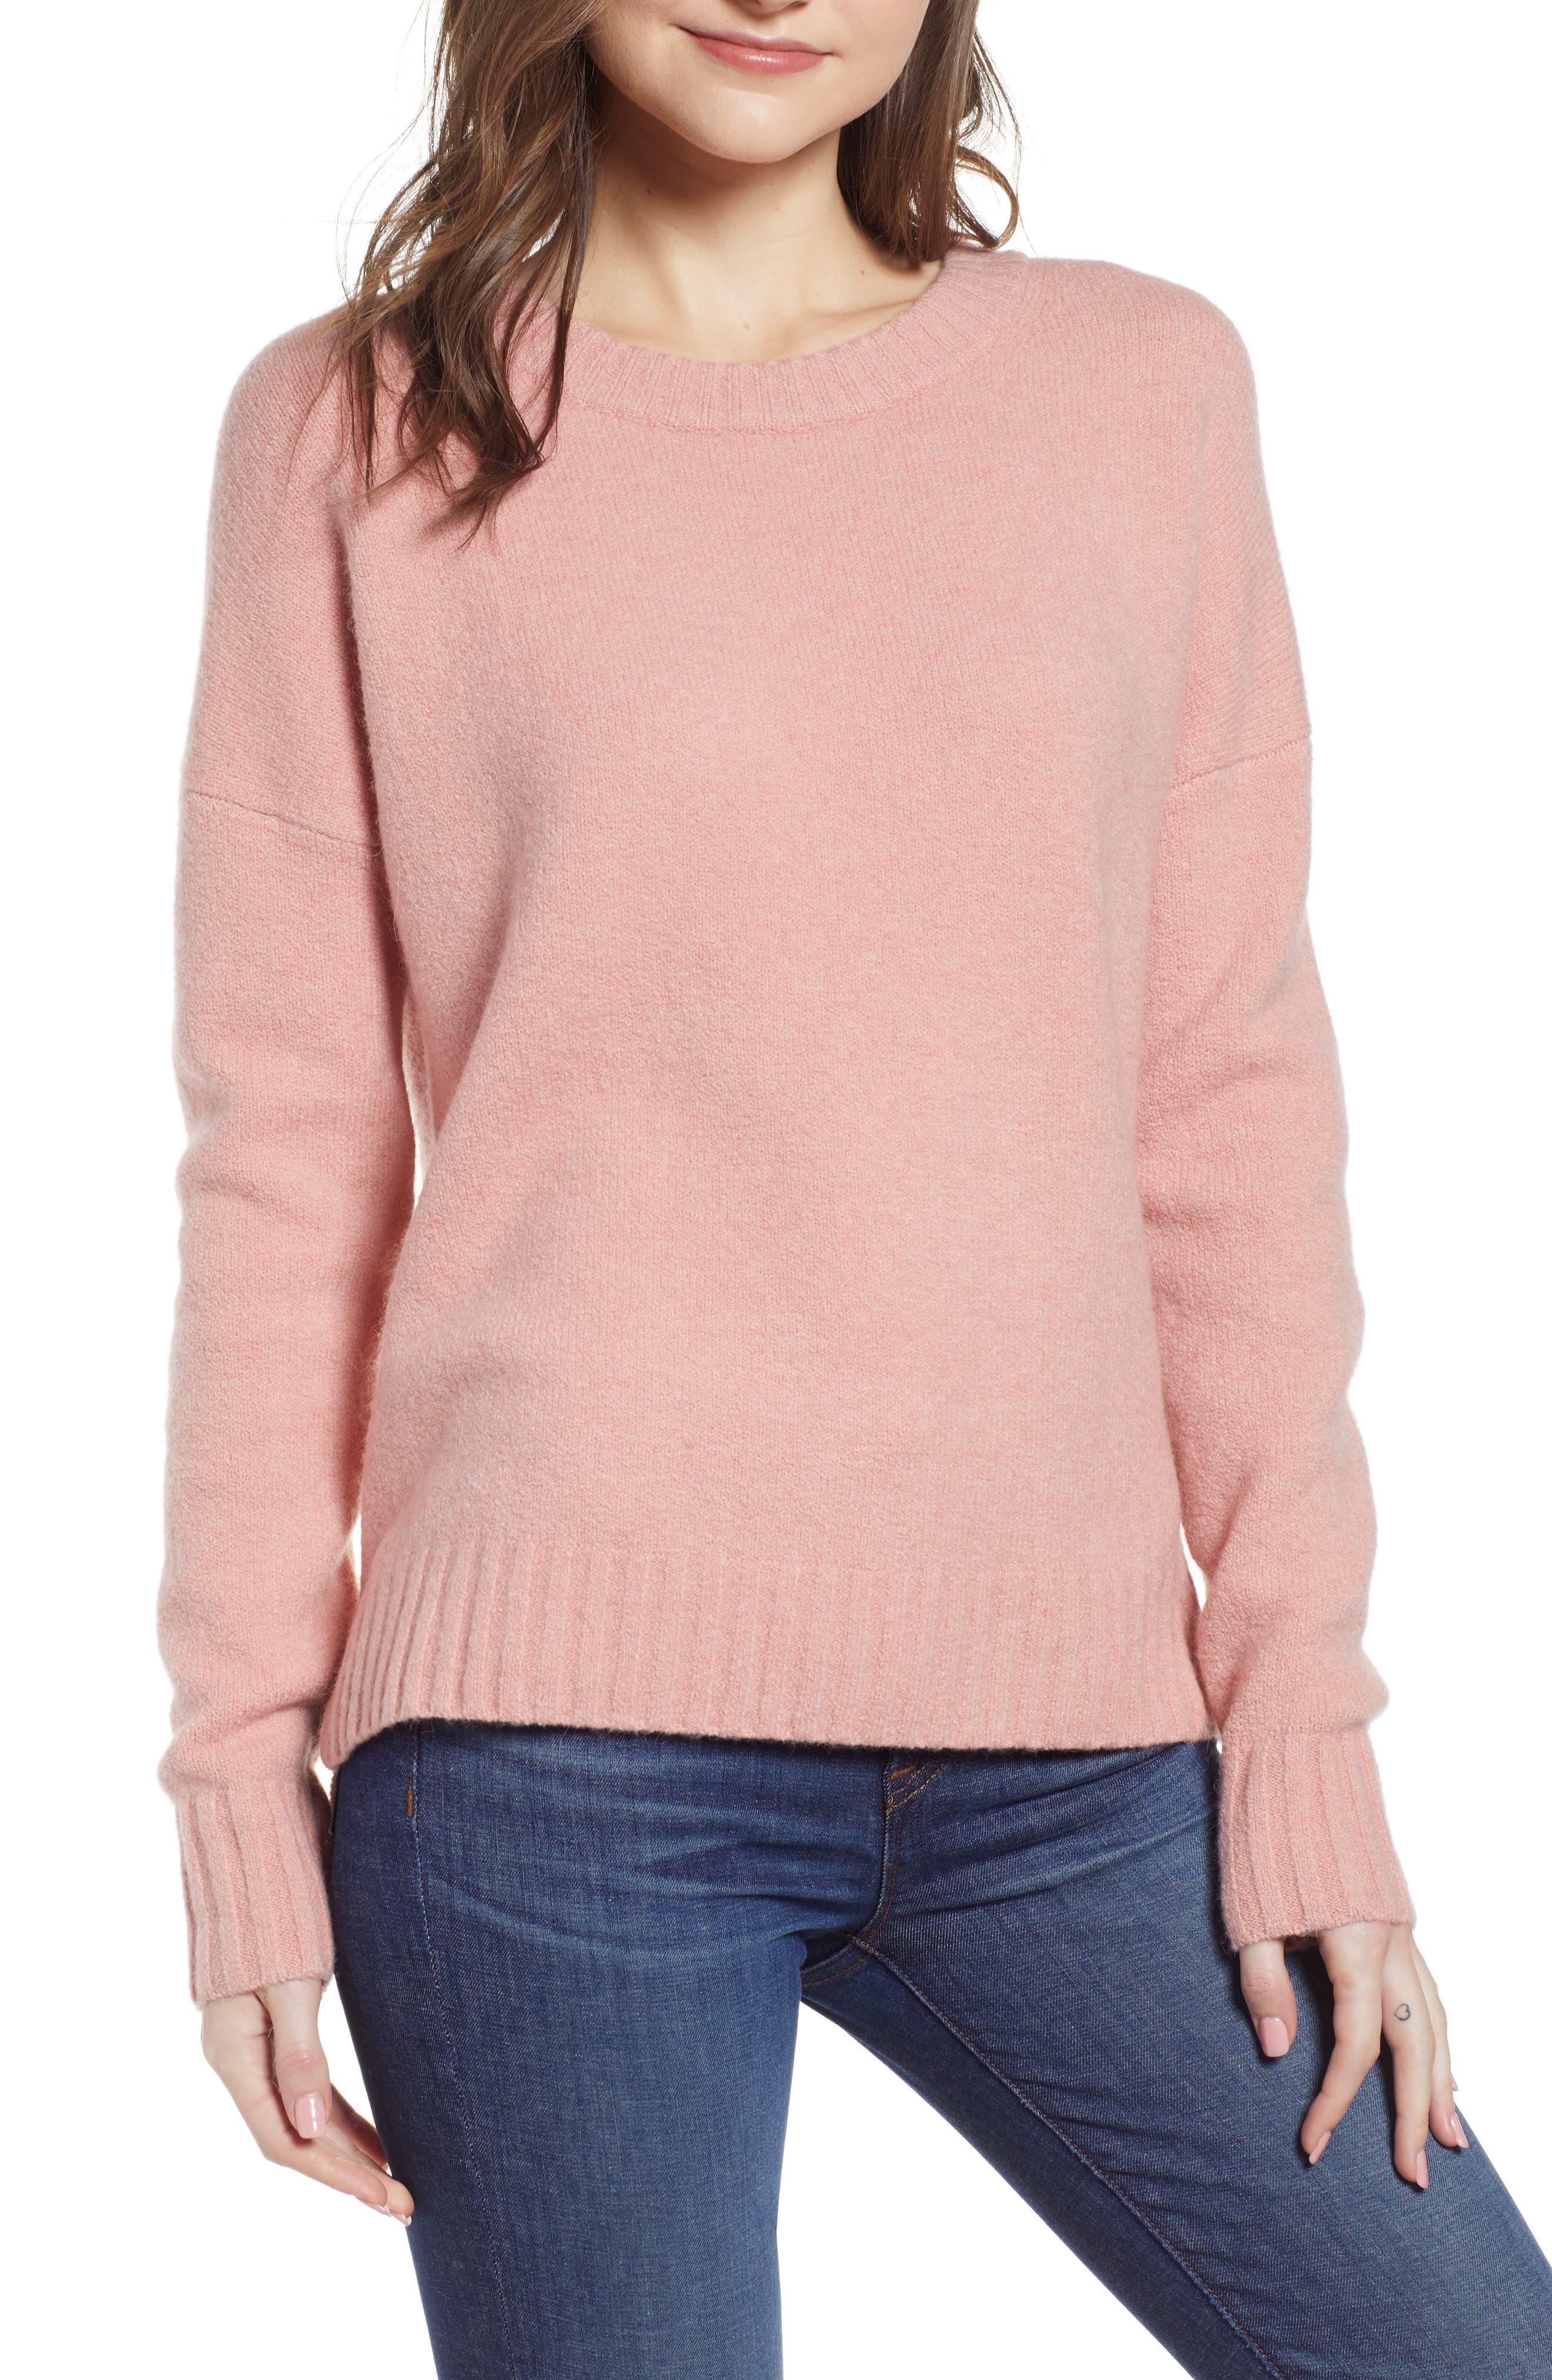 J.CREW Supersoft Oversize Crewneck Sweater, Main, color, 650